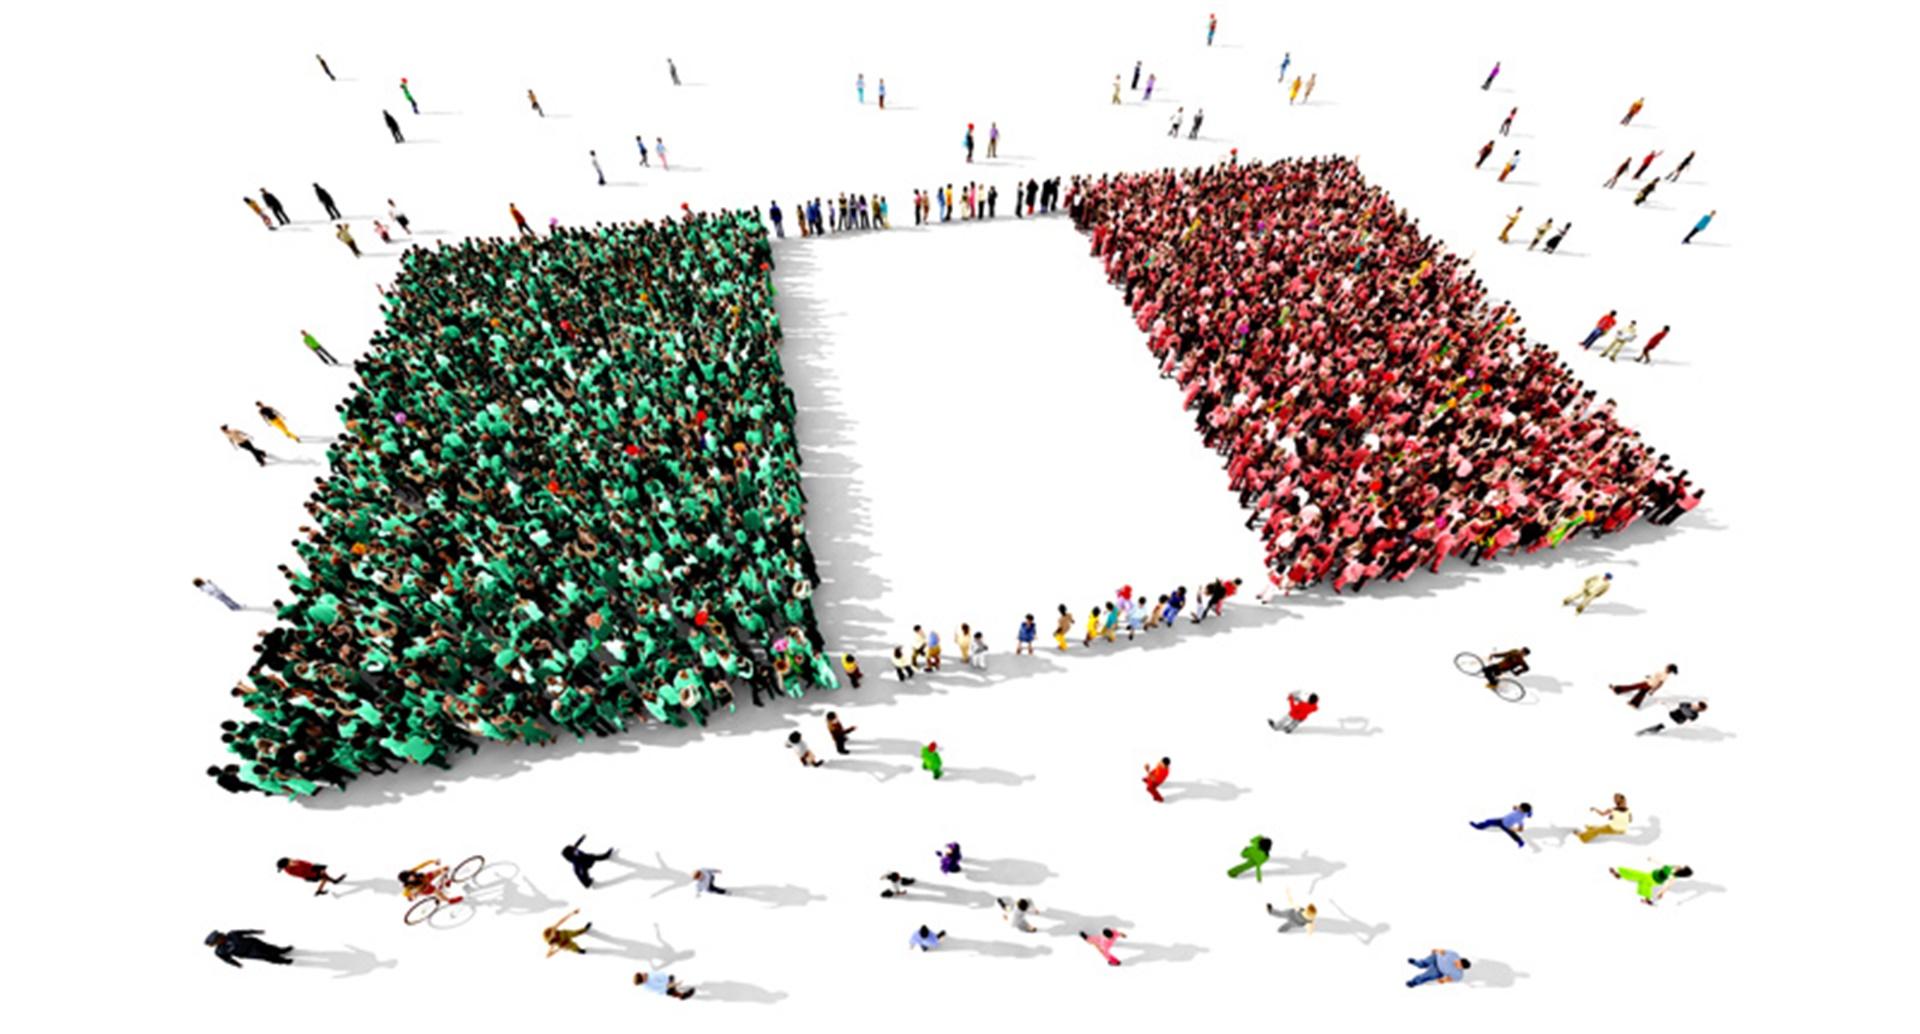 di Alessandro Campi In Italia dei problemi dei giovani parlano quelli che giovani non sono, vale a dire coloro che sono il problema più grande che i giovani hanno in Italia. Sublime ipocrisia o suprema astuzia? Parliamo di un esercito di pensionandi e pensionati ben attaccati alle loro poltrone e ai loro privilegi, beneficiari di un sistema di assistenza pubblica destinato a finire con loro e che per i giovani d'oggi, quando diventeranno anziani a loro volta,